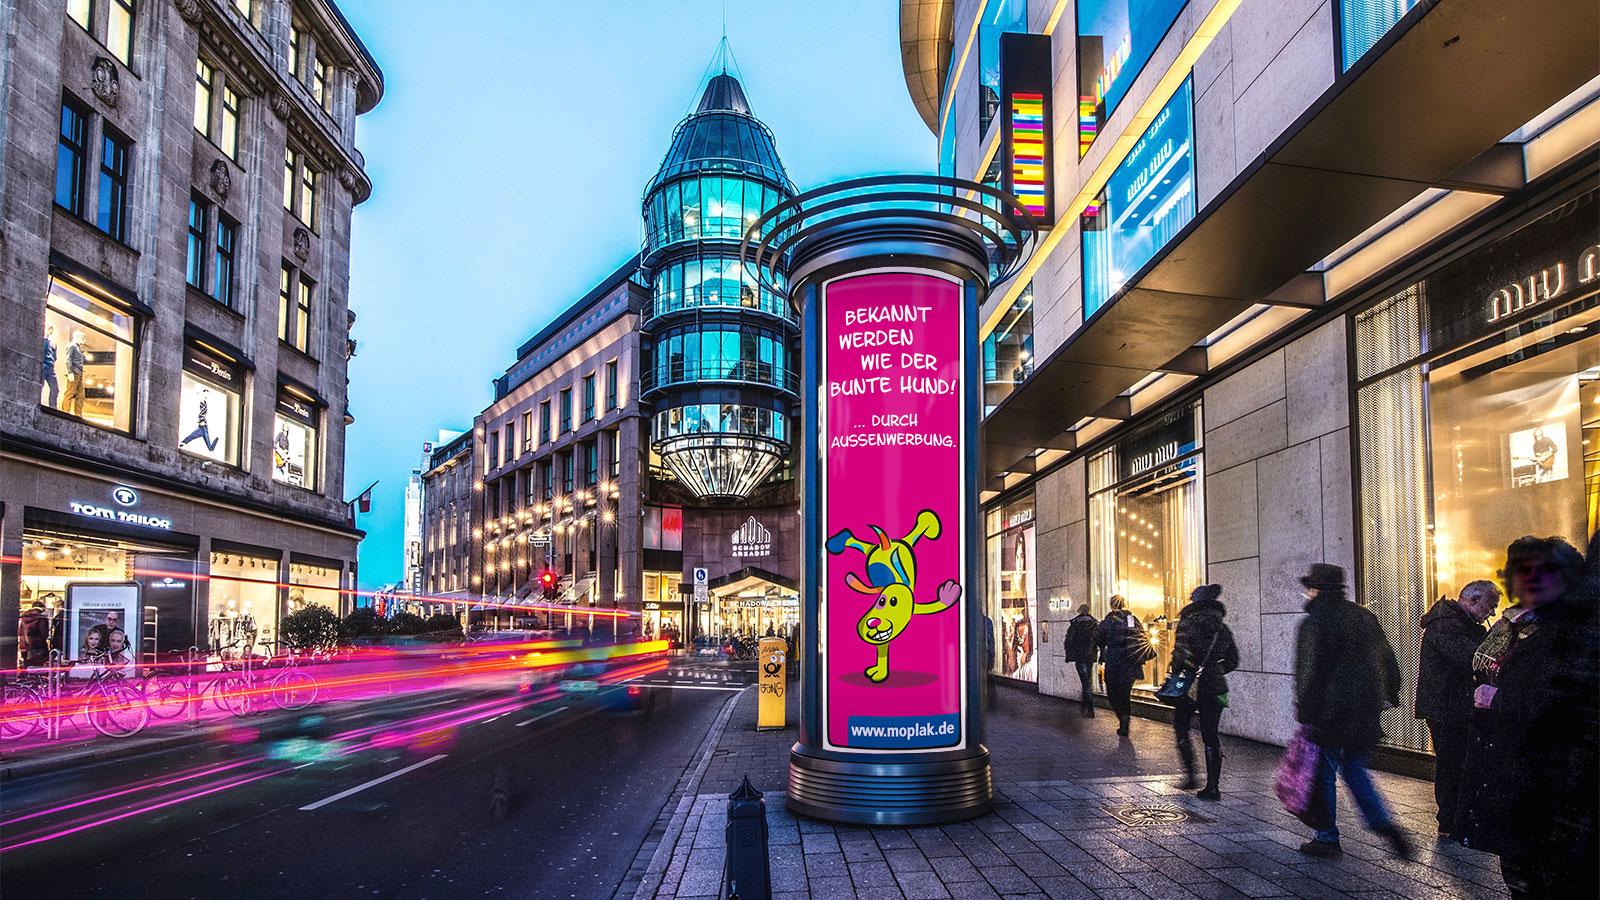 Bremerhaven-Aussenwerbung-Litfasssaeule-Werbung